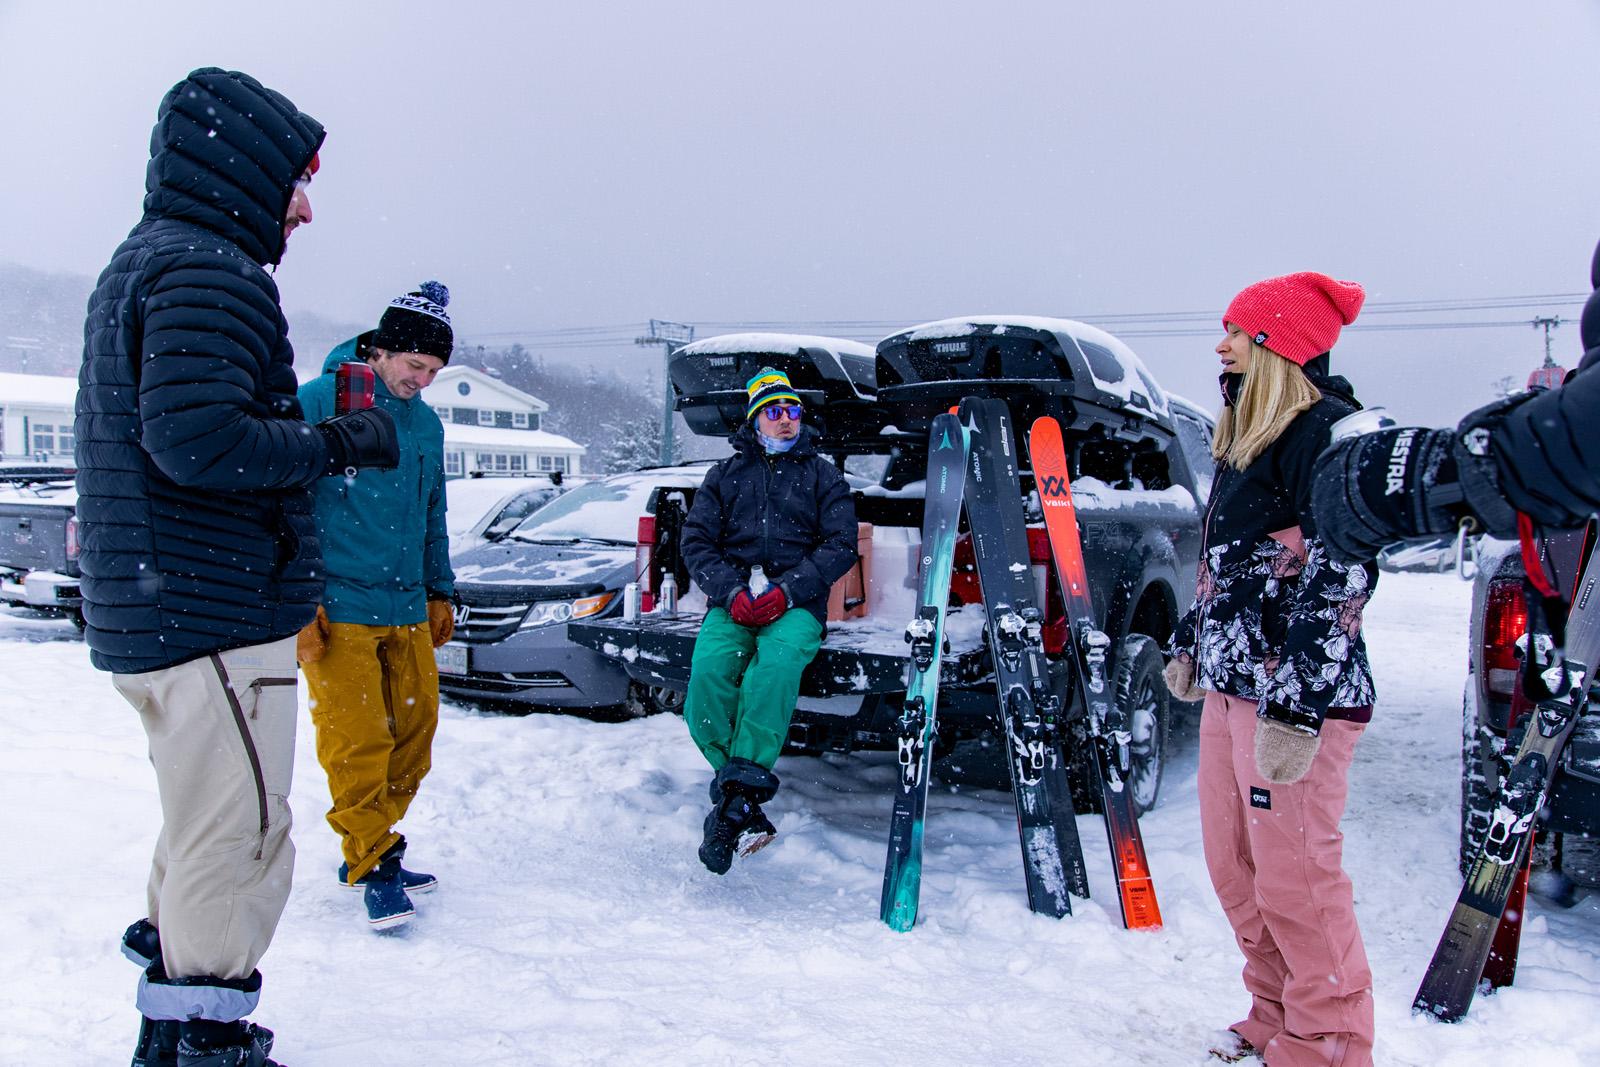 apres ski, apres skiing, the ski monster, 2021, stowe vt